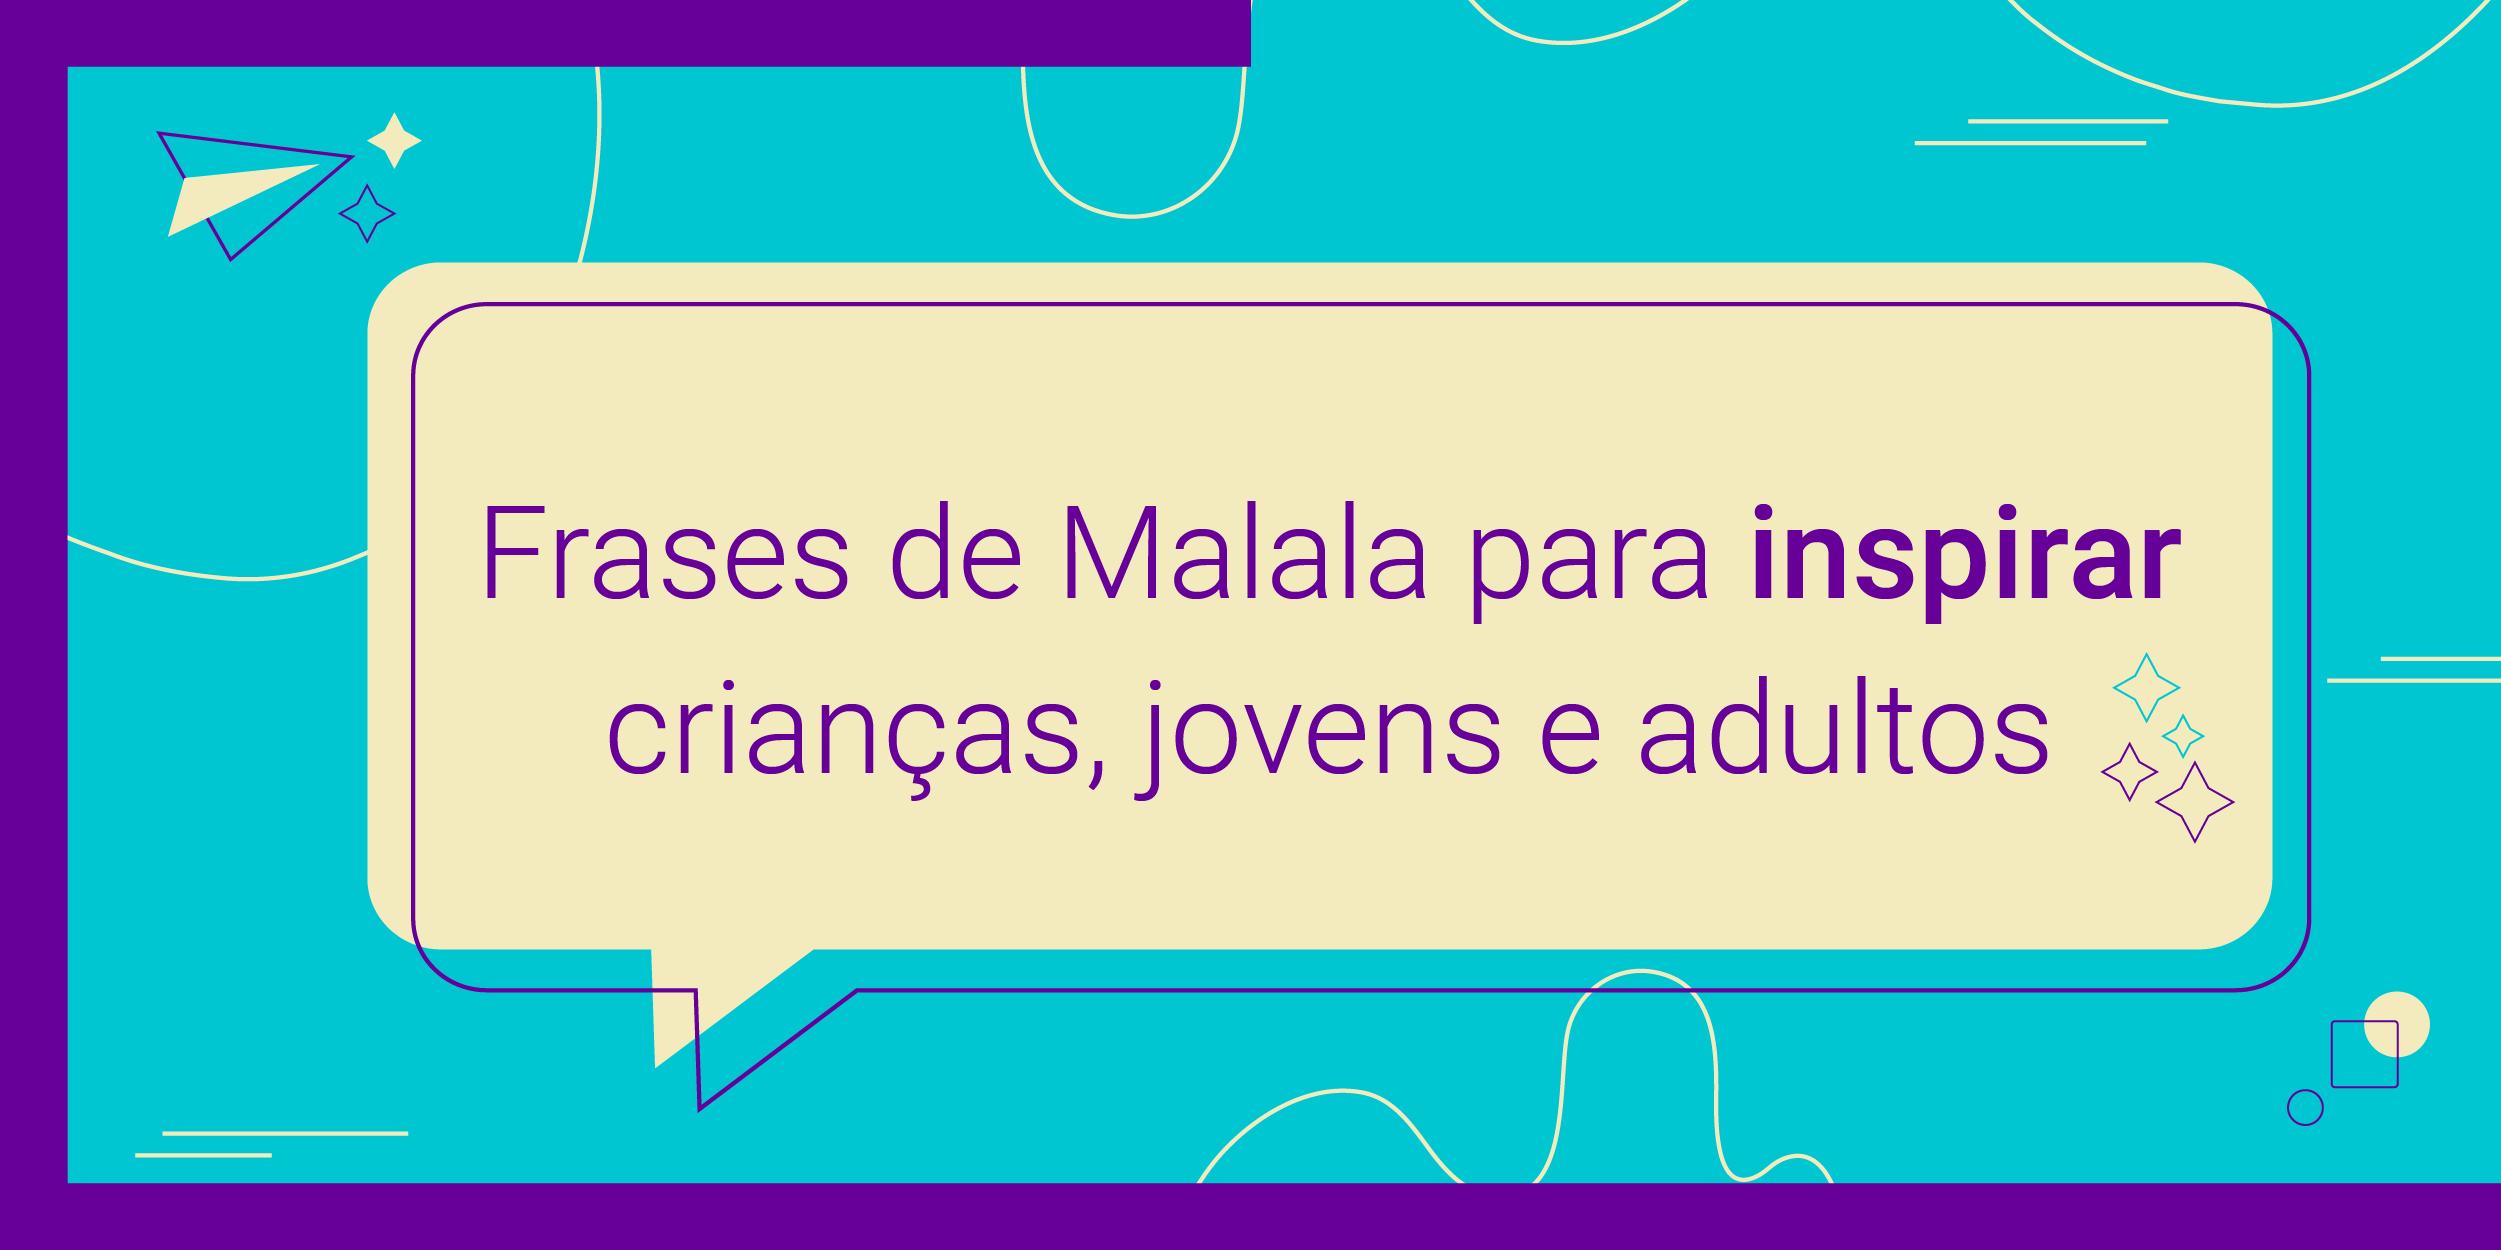 Imagem com o texto Frases de Malala para inspirar crianças, jovens e adultos